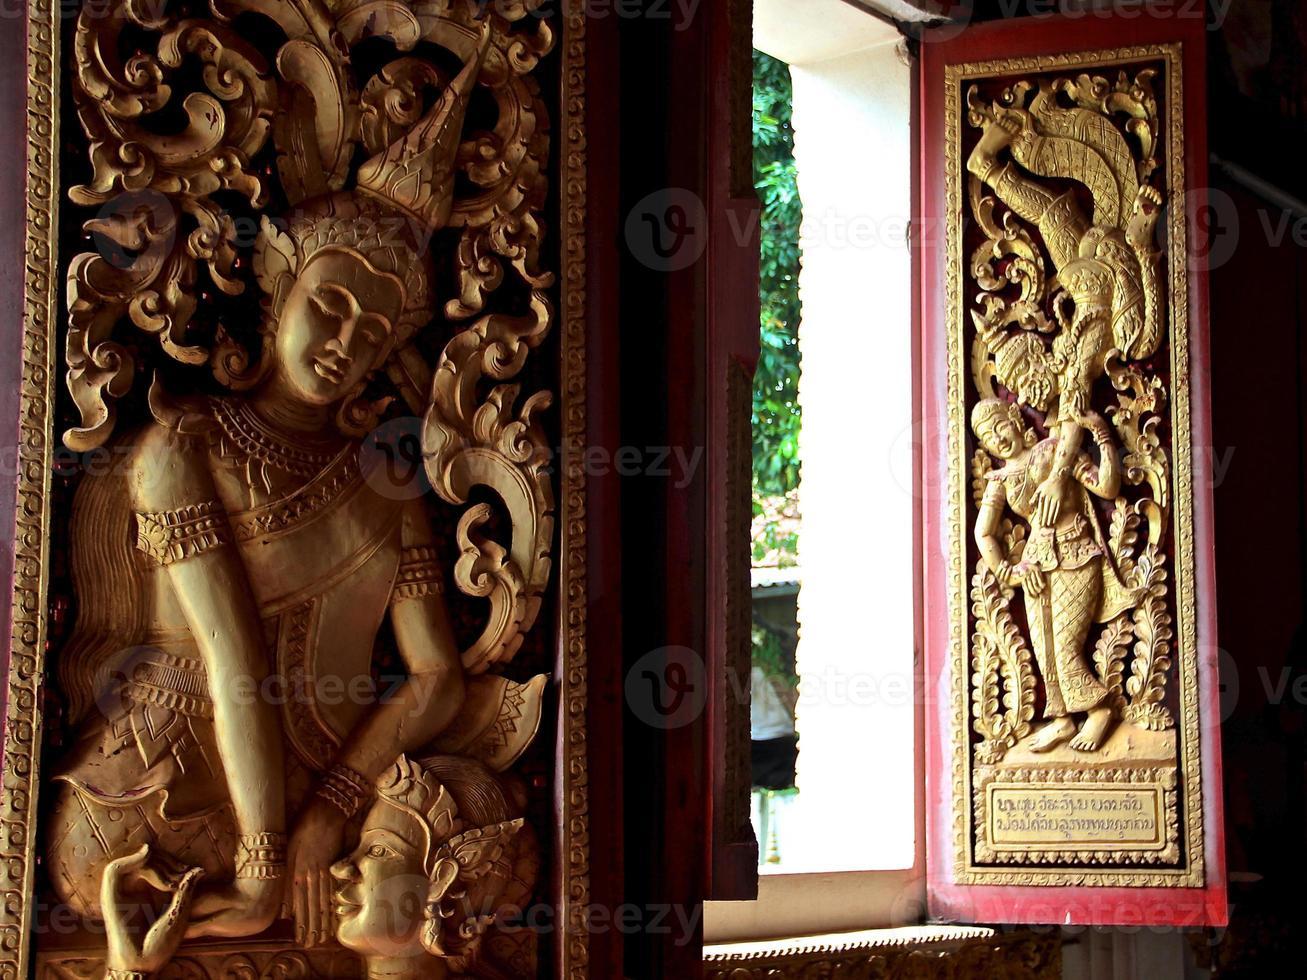 esculturas em madeira budista - vientiane, laos. foto